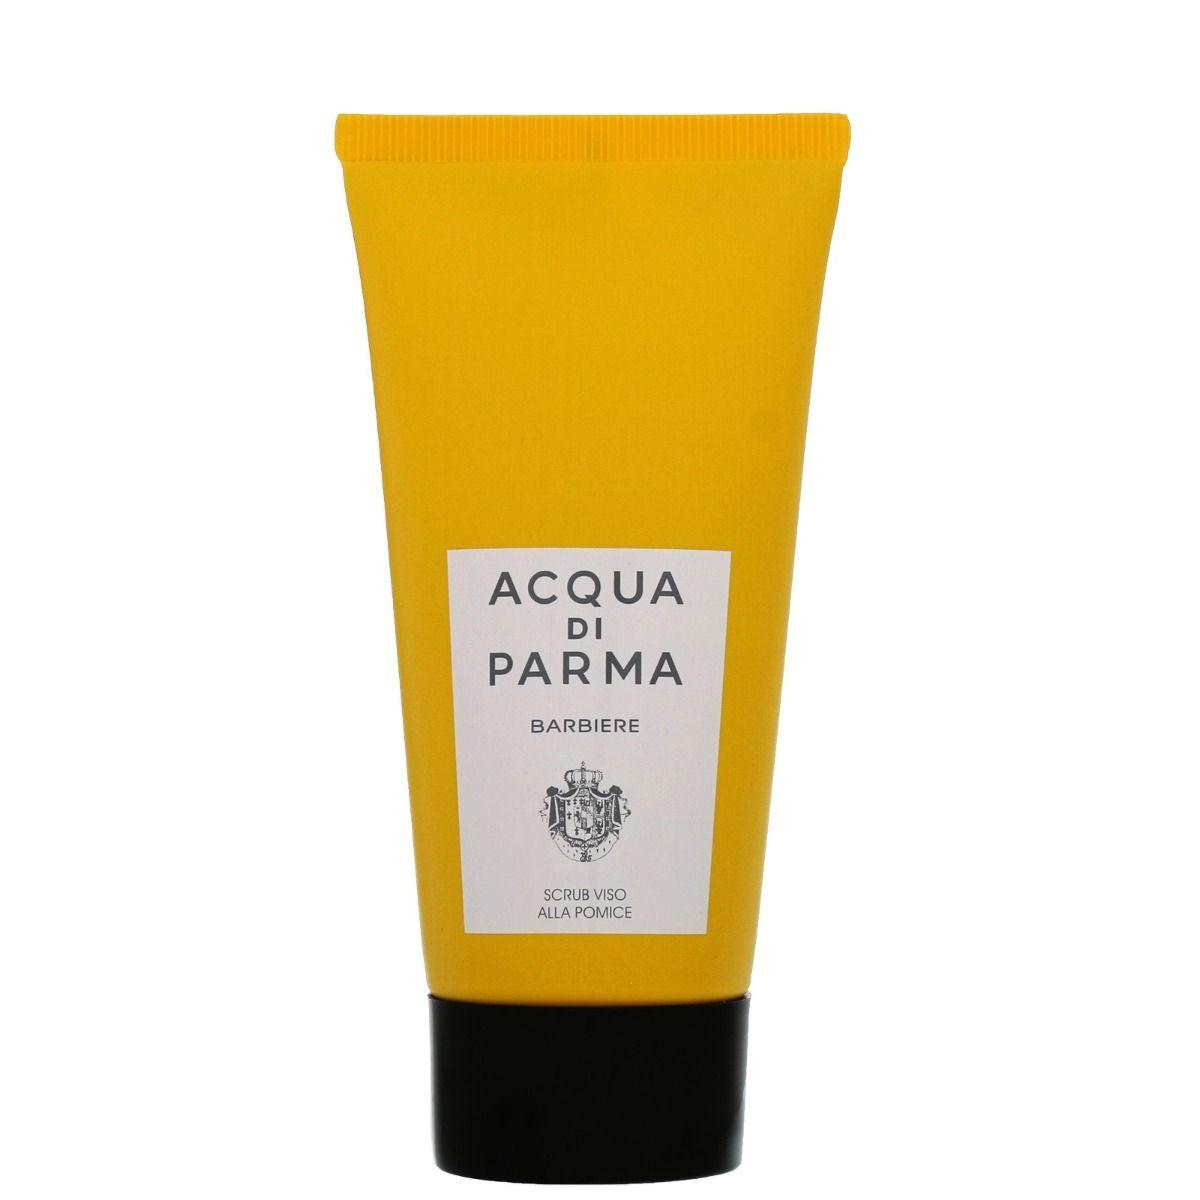 Acqua Di Parma Barbiere Pumice Face Scrub 75ml